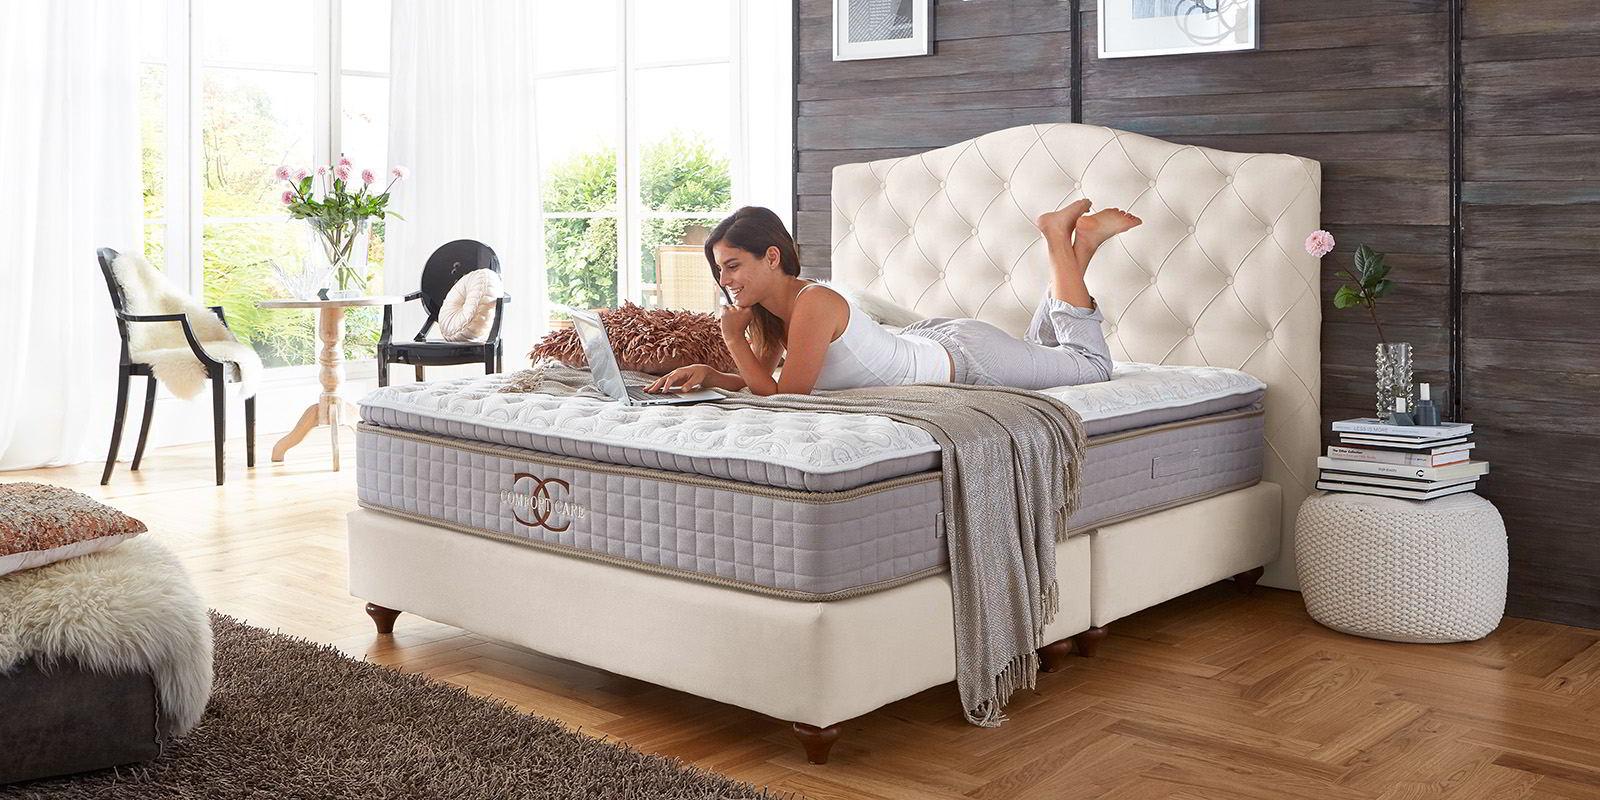 Full Size of Amerikanisches Bett Boxspringbett 140 160 200 180x200 Velour Altwei Jersey Betten überlänge Krankenhaus Mit Gepolstertem Kopfteil Graues Matratze Und Bett Amerikanisches Bett